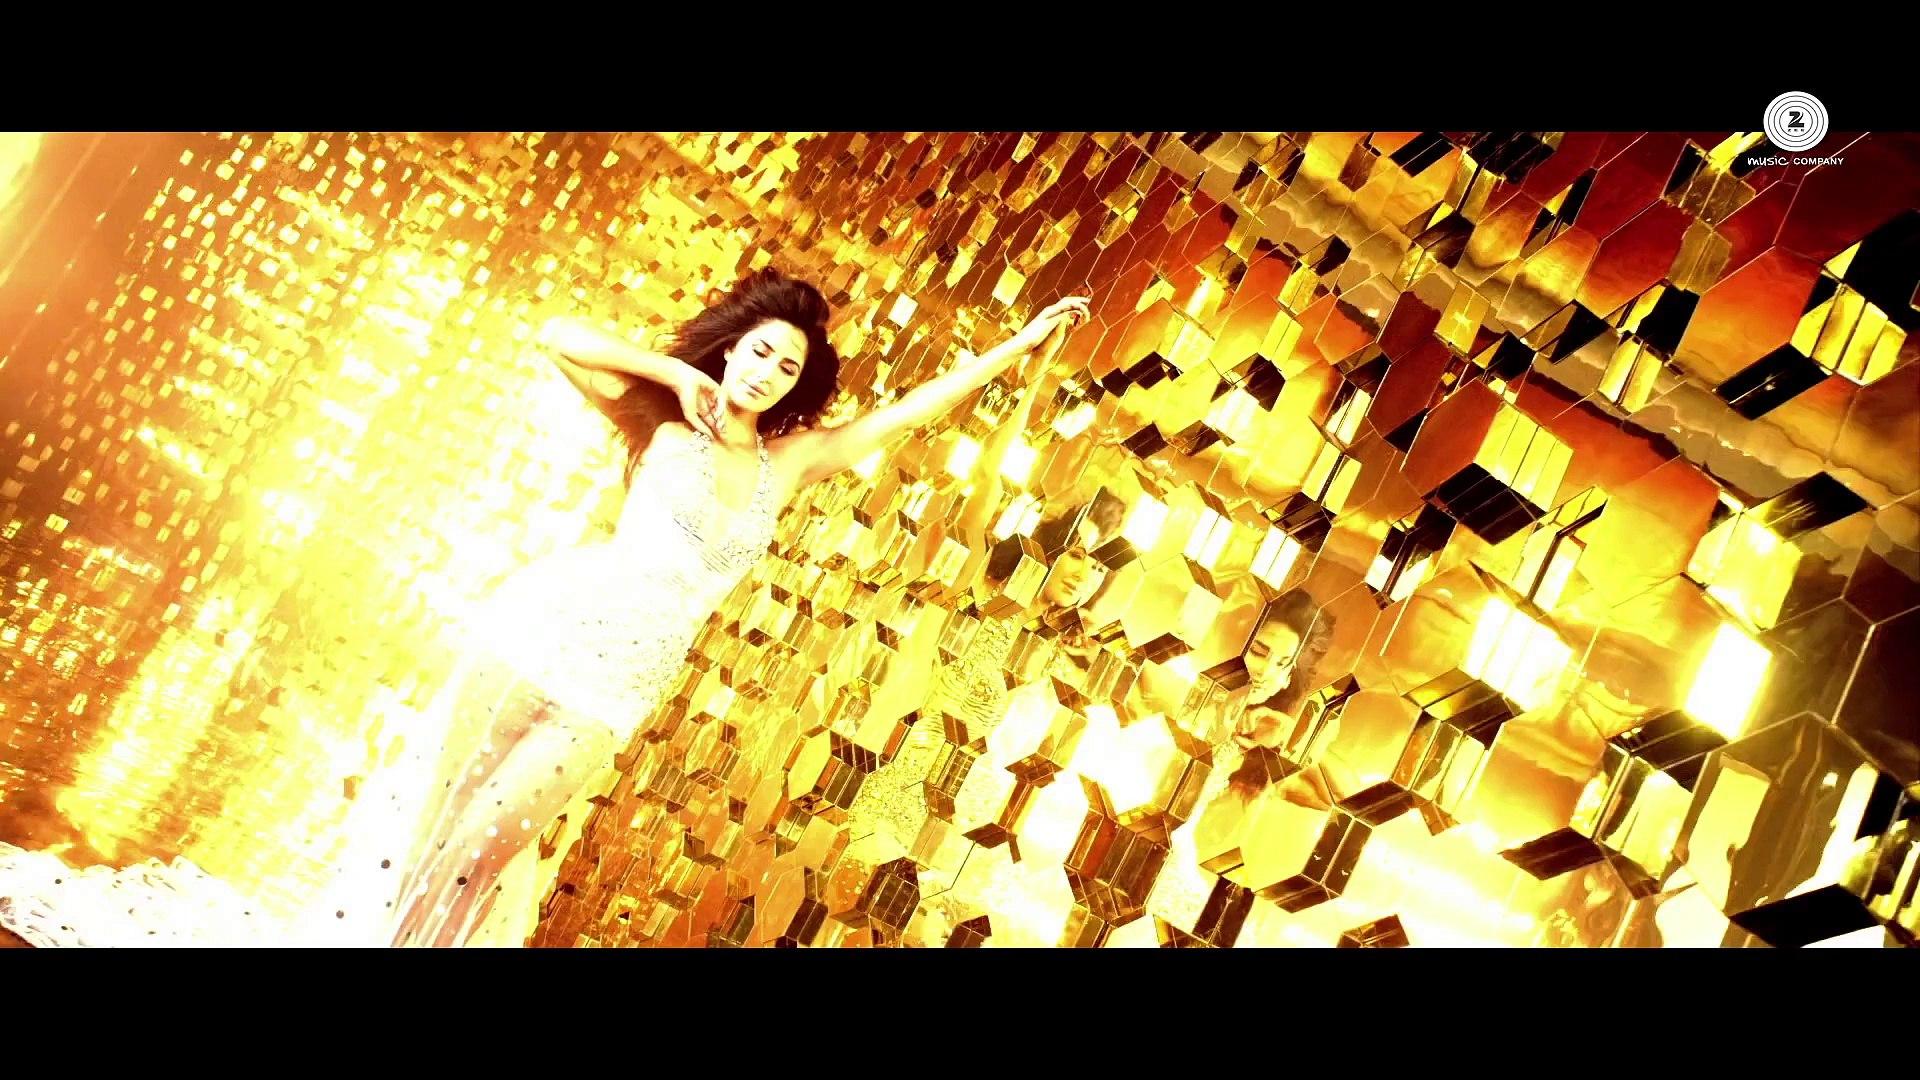 Bang Bang Title Track - Full Video ¦ BANG BANG! ¦ Hrithik Roshan & Katrina Kaif ¦ HD